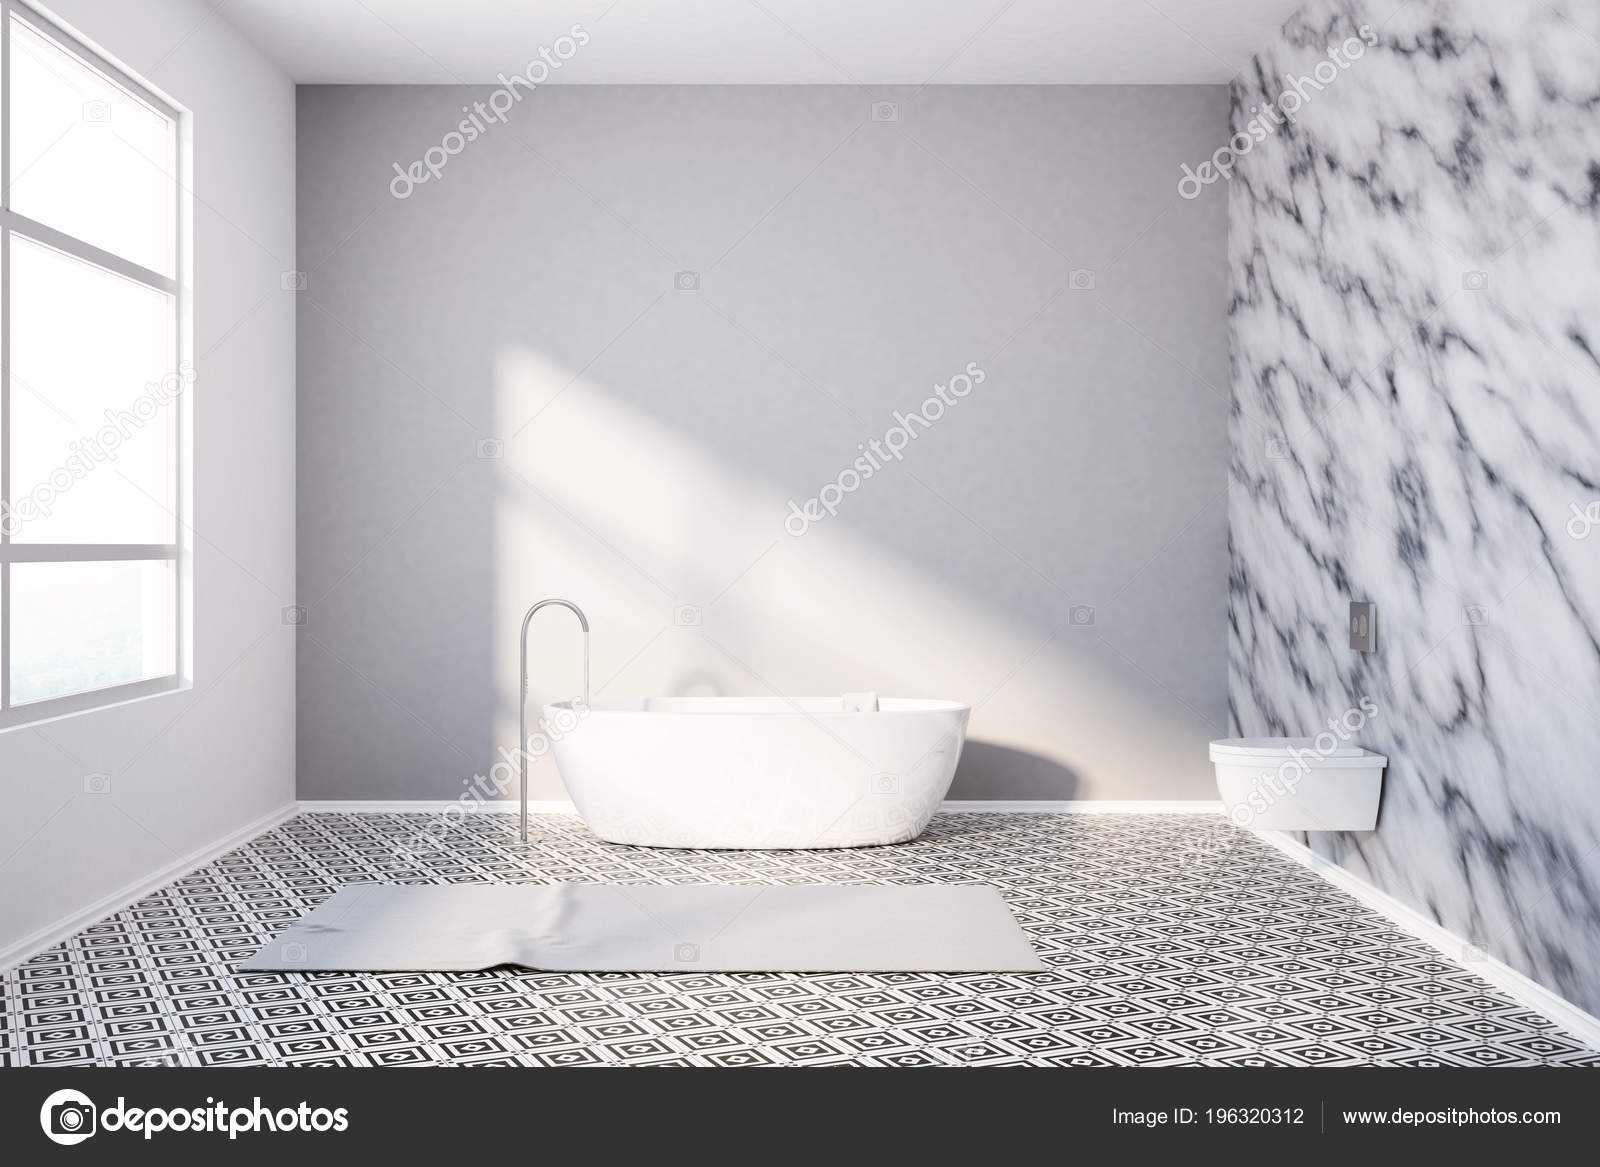 Interni lusso bagno con motivo geometrico piastrelle pavimento una